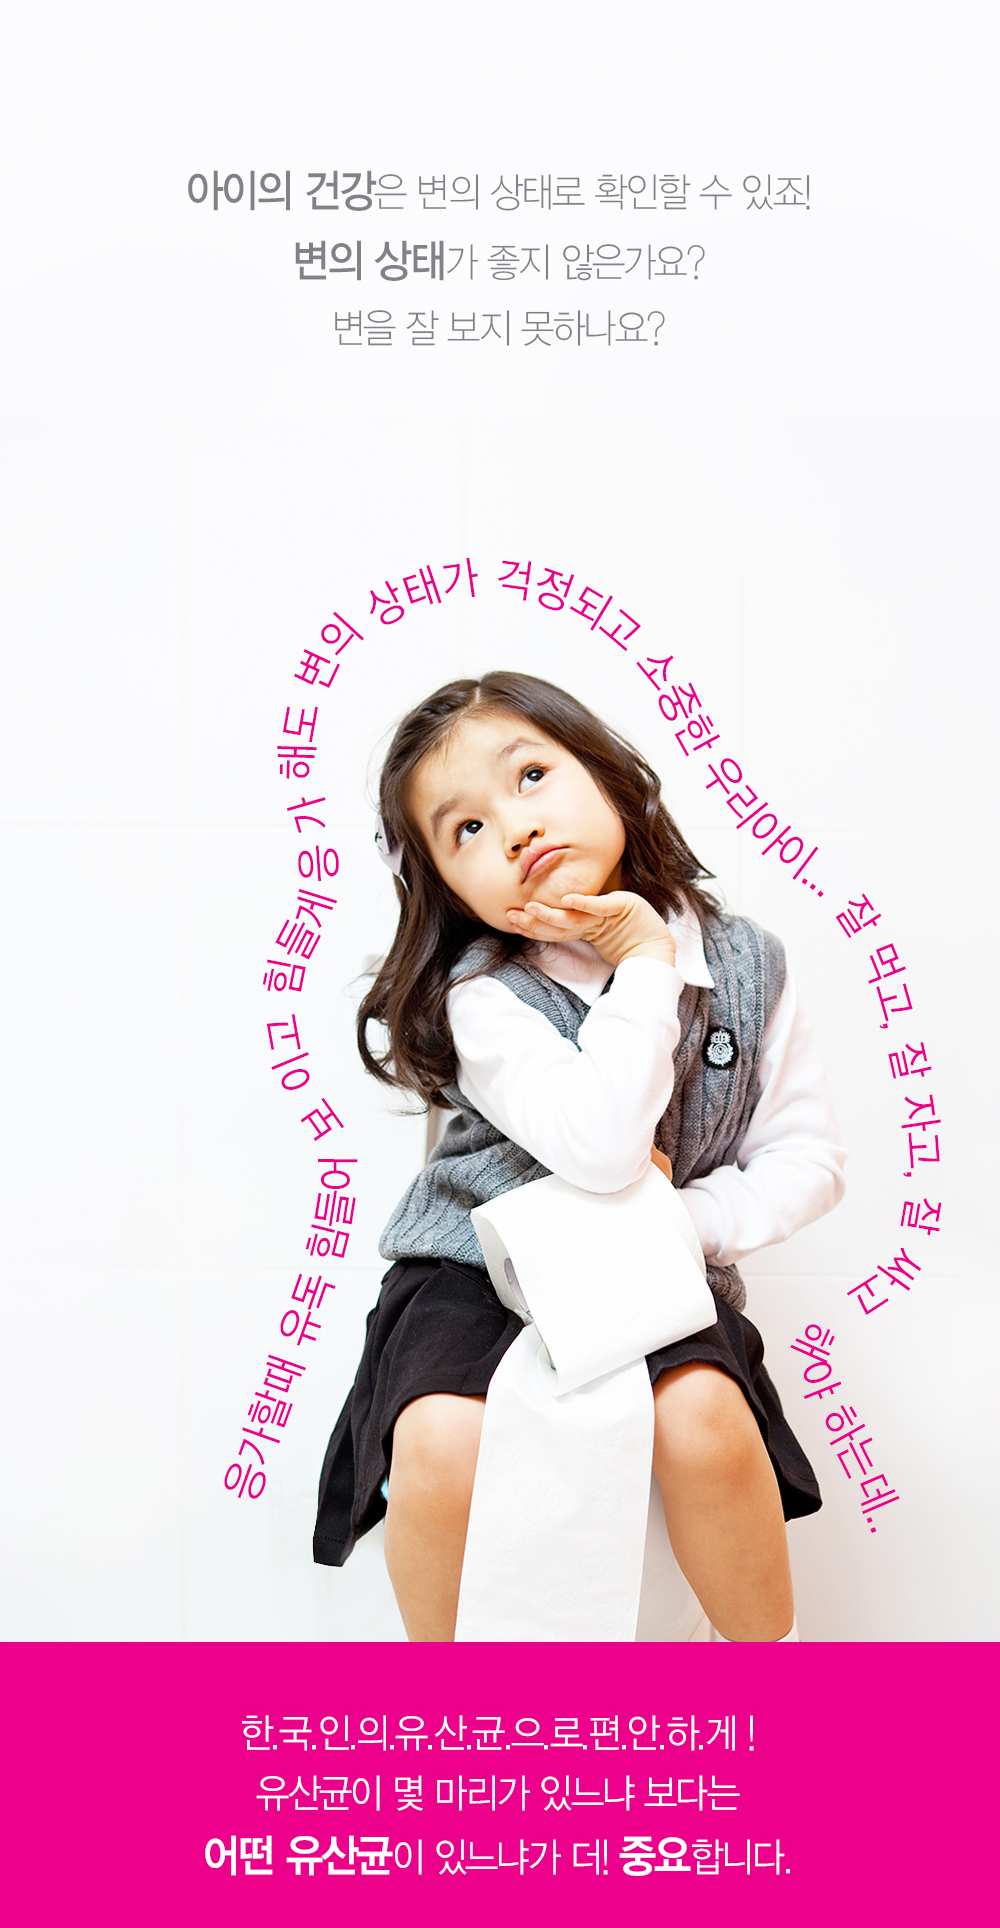 kids_mb01_a06.jpg